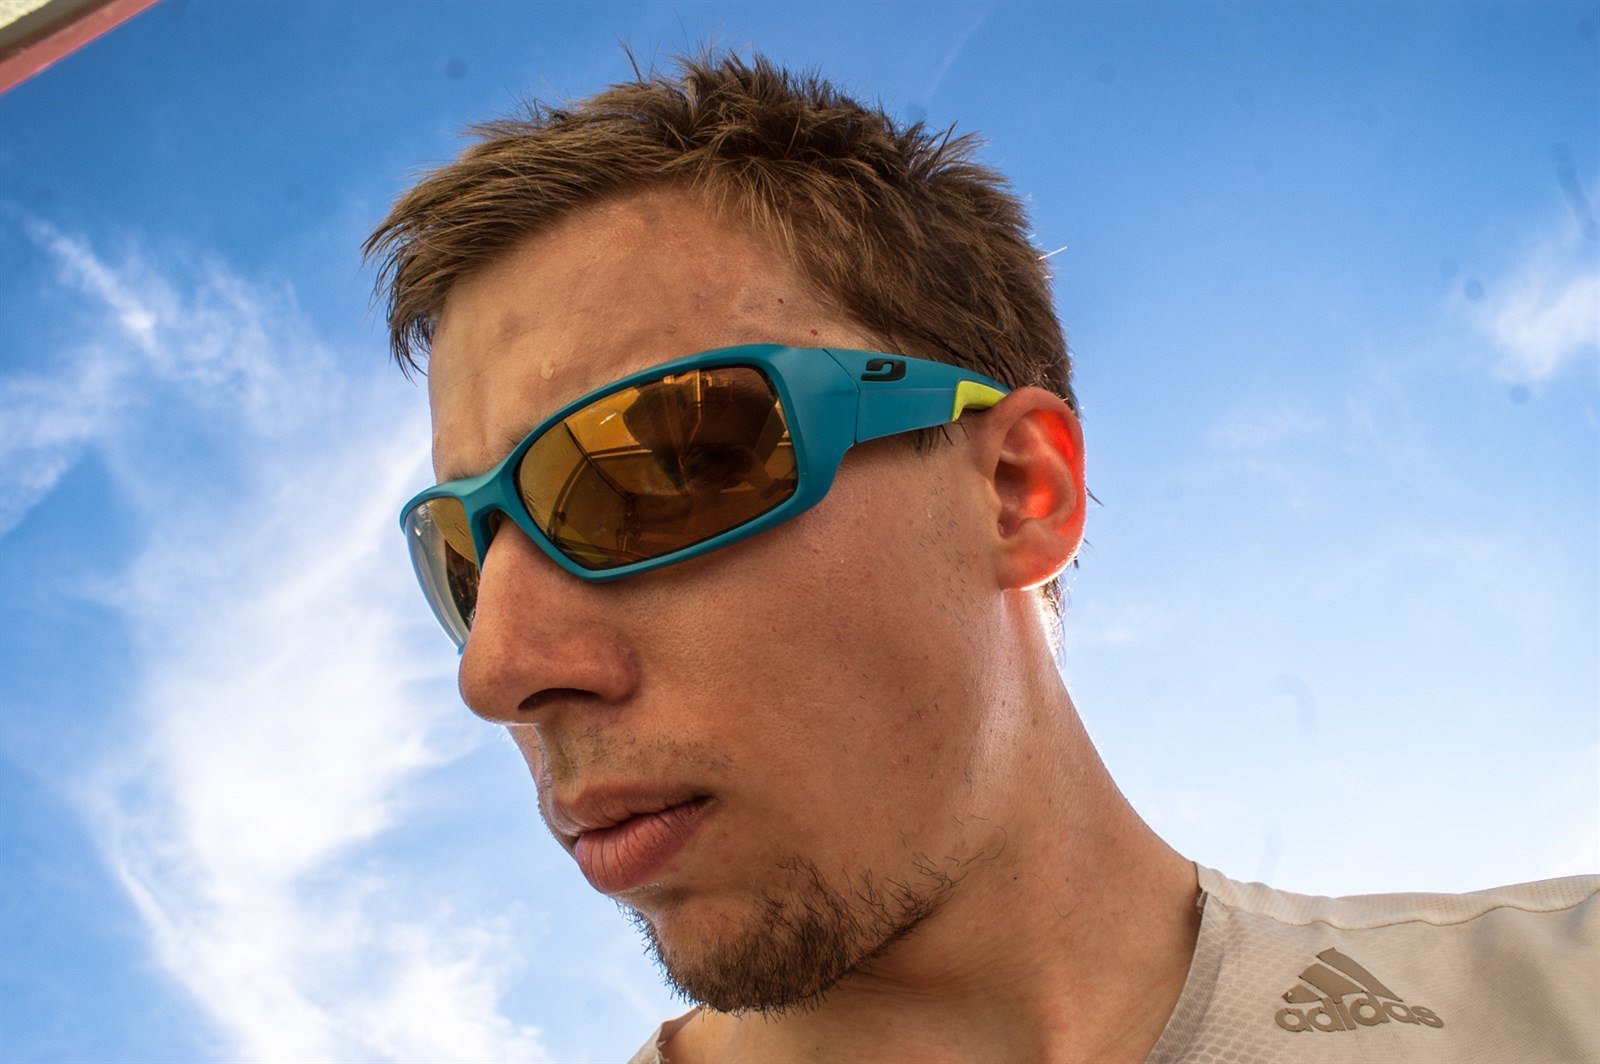 TEST  sportovní brýle adidas Julbo Run s fotochromatickými zorníky Zebra 726e0f4729e3